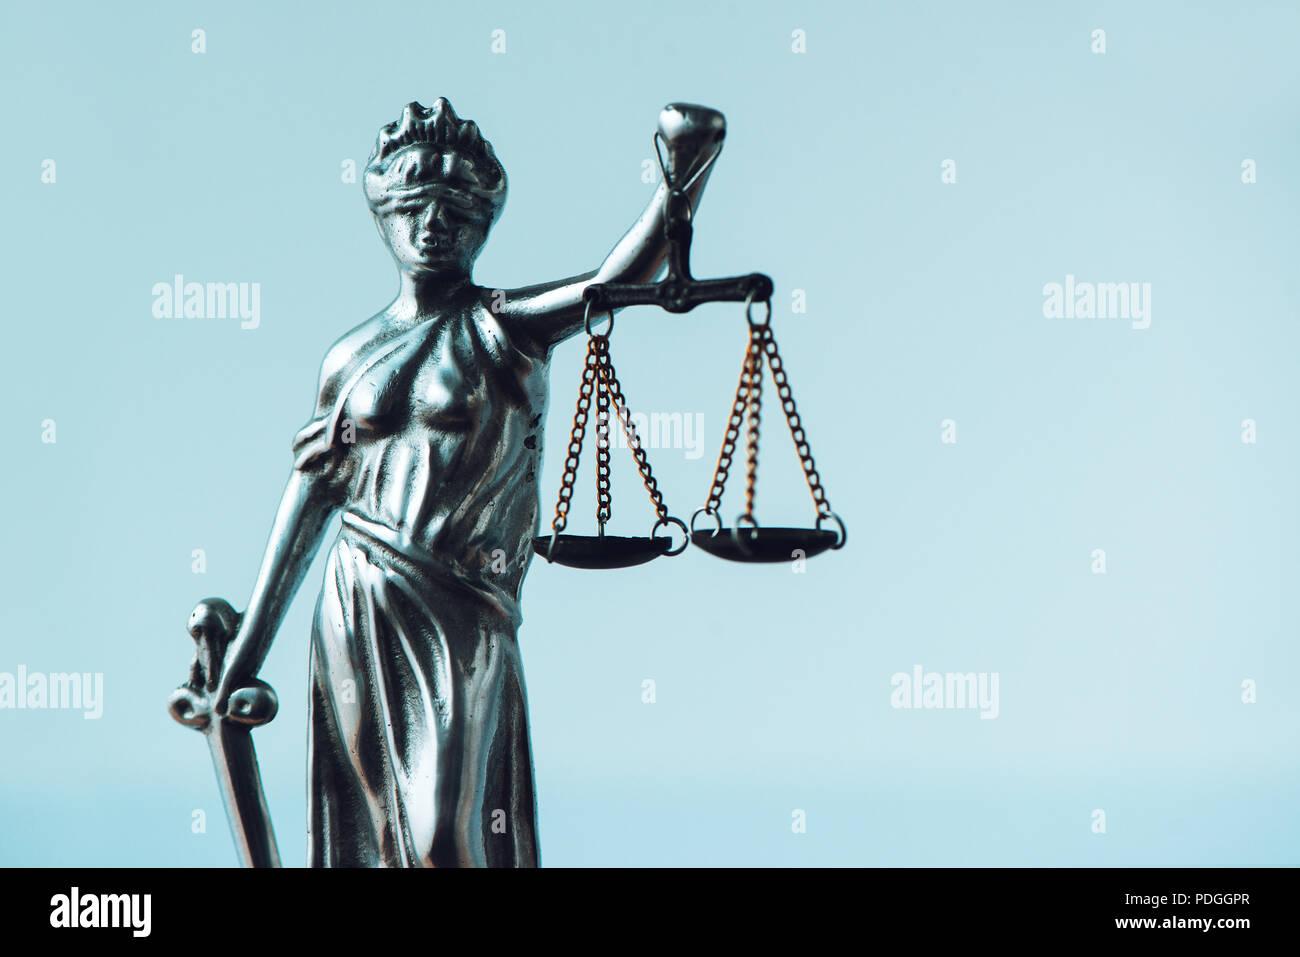 Lady Justice estatua en la oficina de la ley. Figurine con los ojos vendados, la balanza y la espada es personificación de la fuerza moral en el sistema judicial y su origen es Imagen De Stock